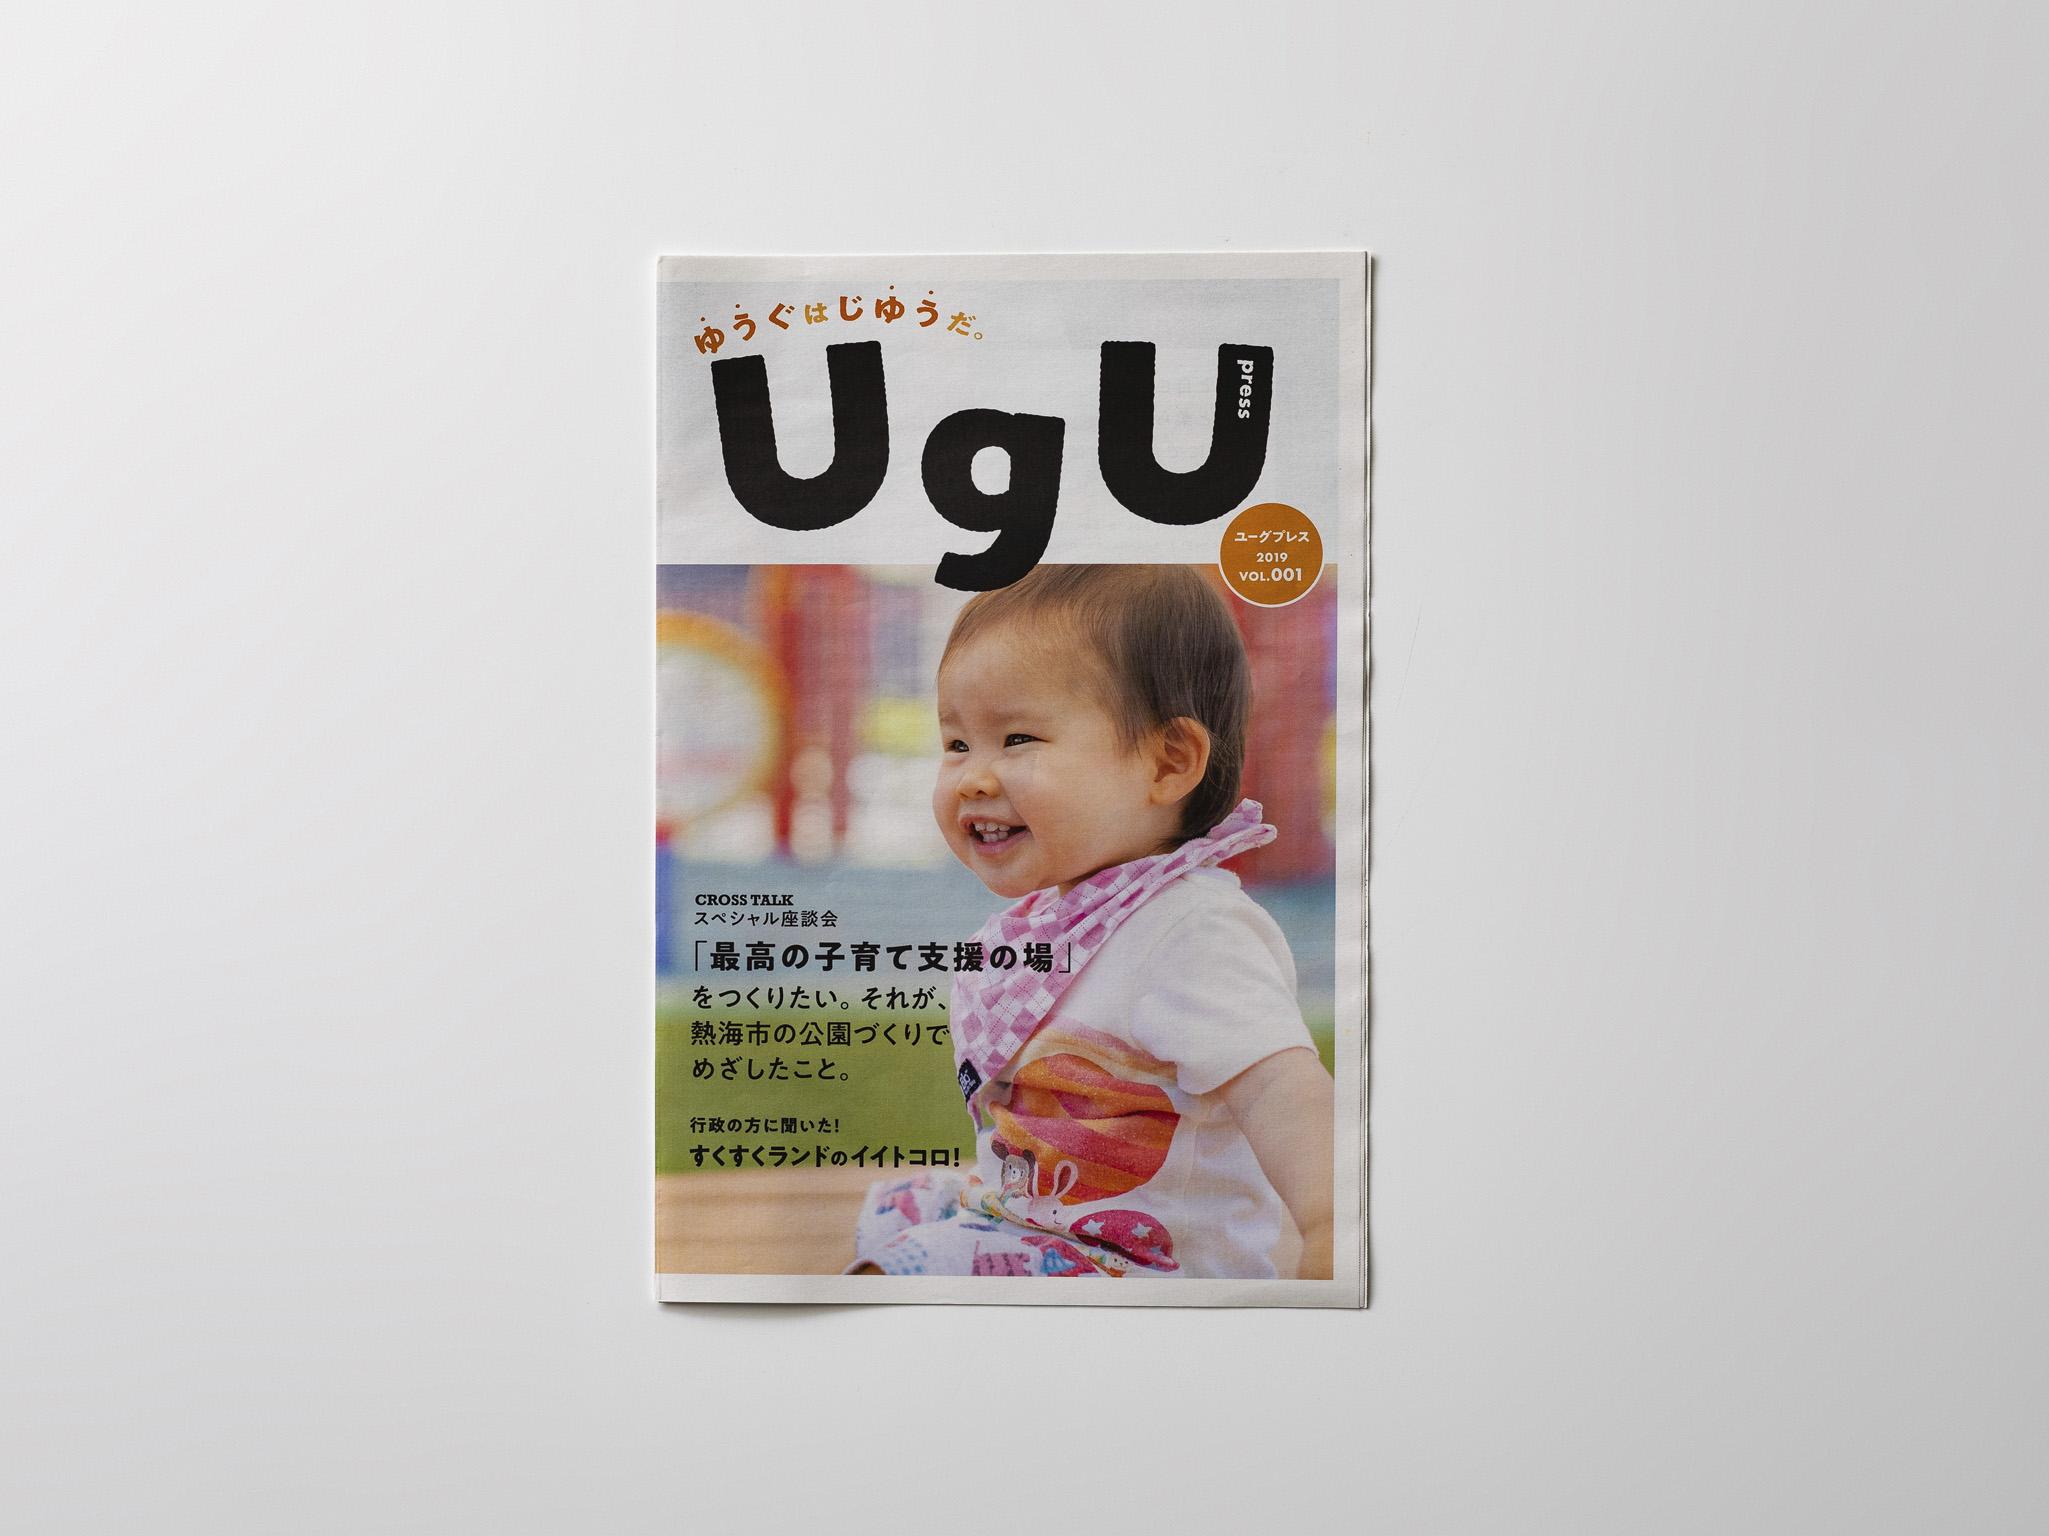 ウチダ工業 名古屋 ブランディング デザイン UGU  内田工業